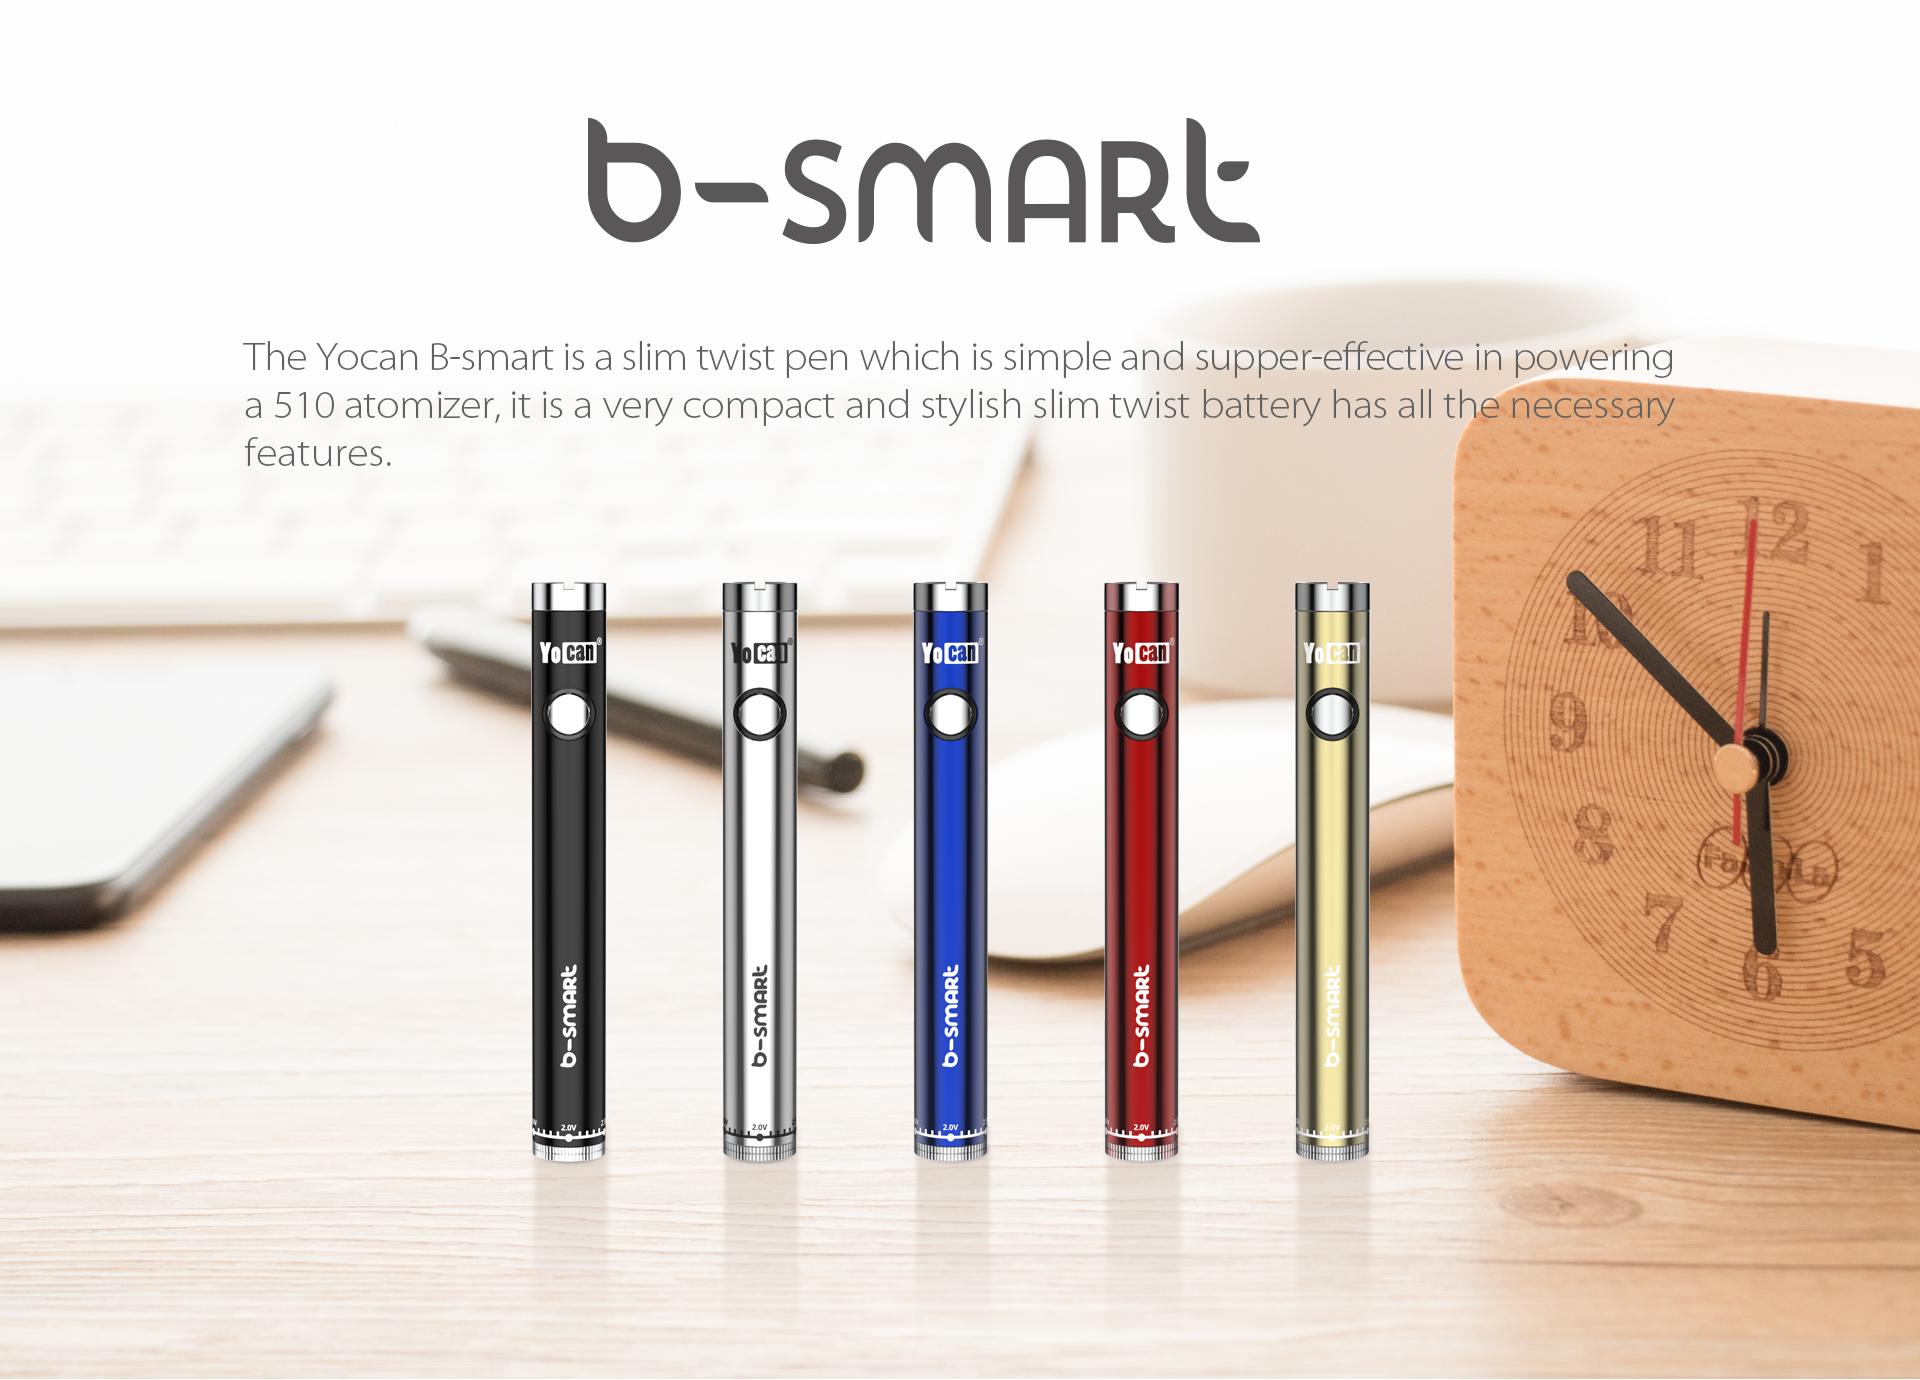 Yocan B-smart vape pen battery is slim twist vape pen.